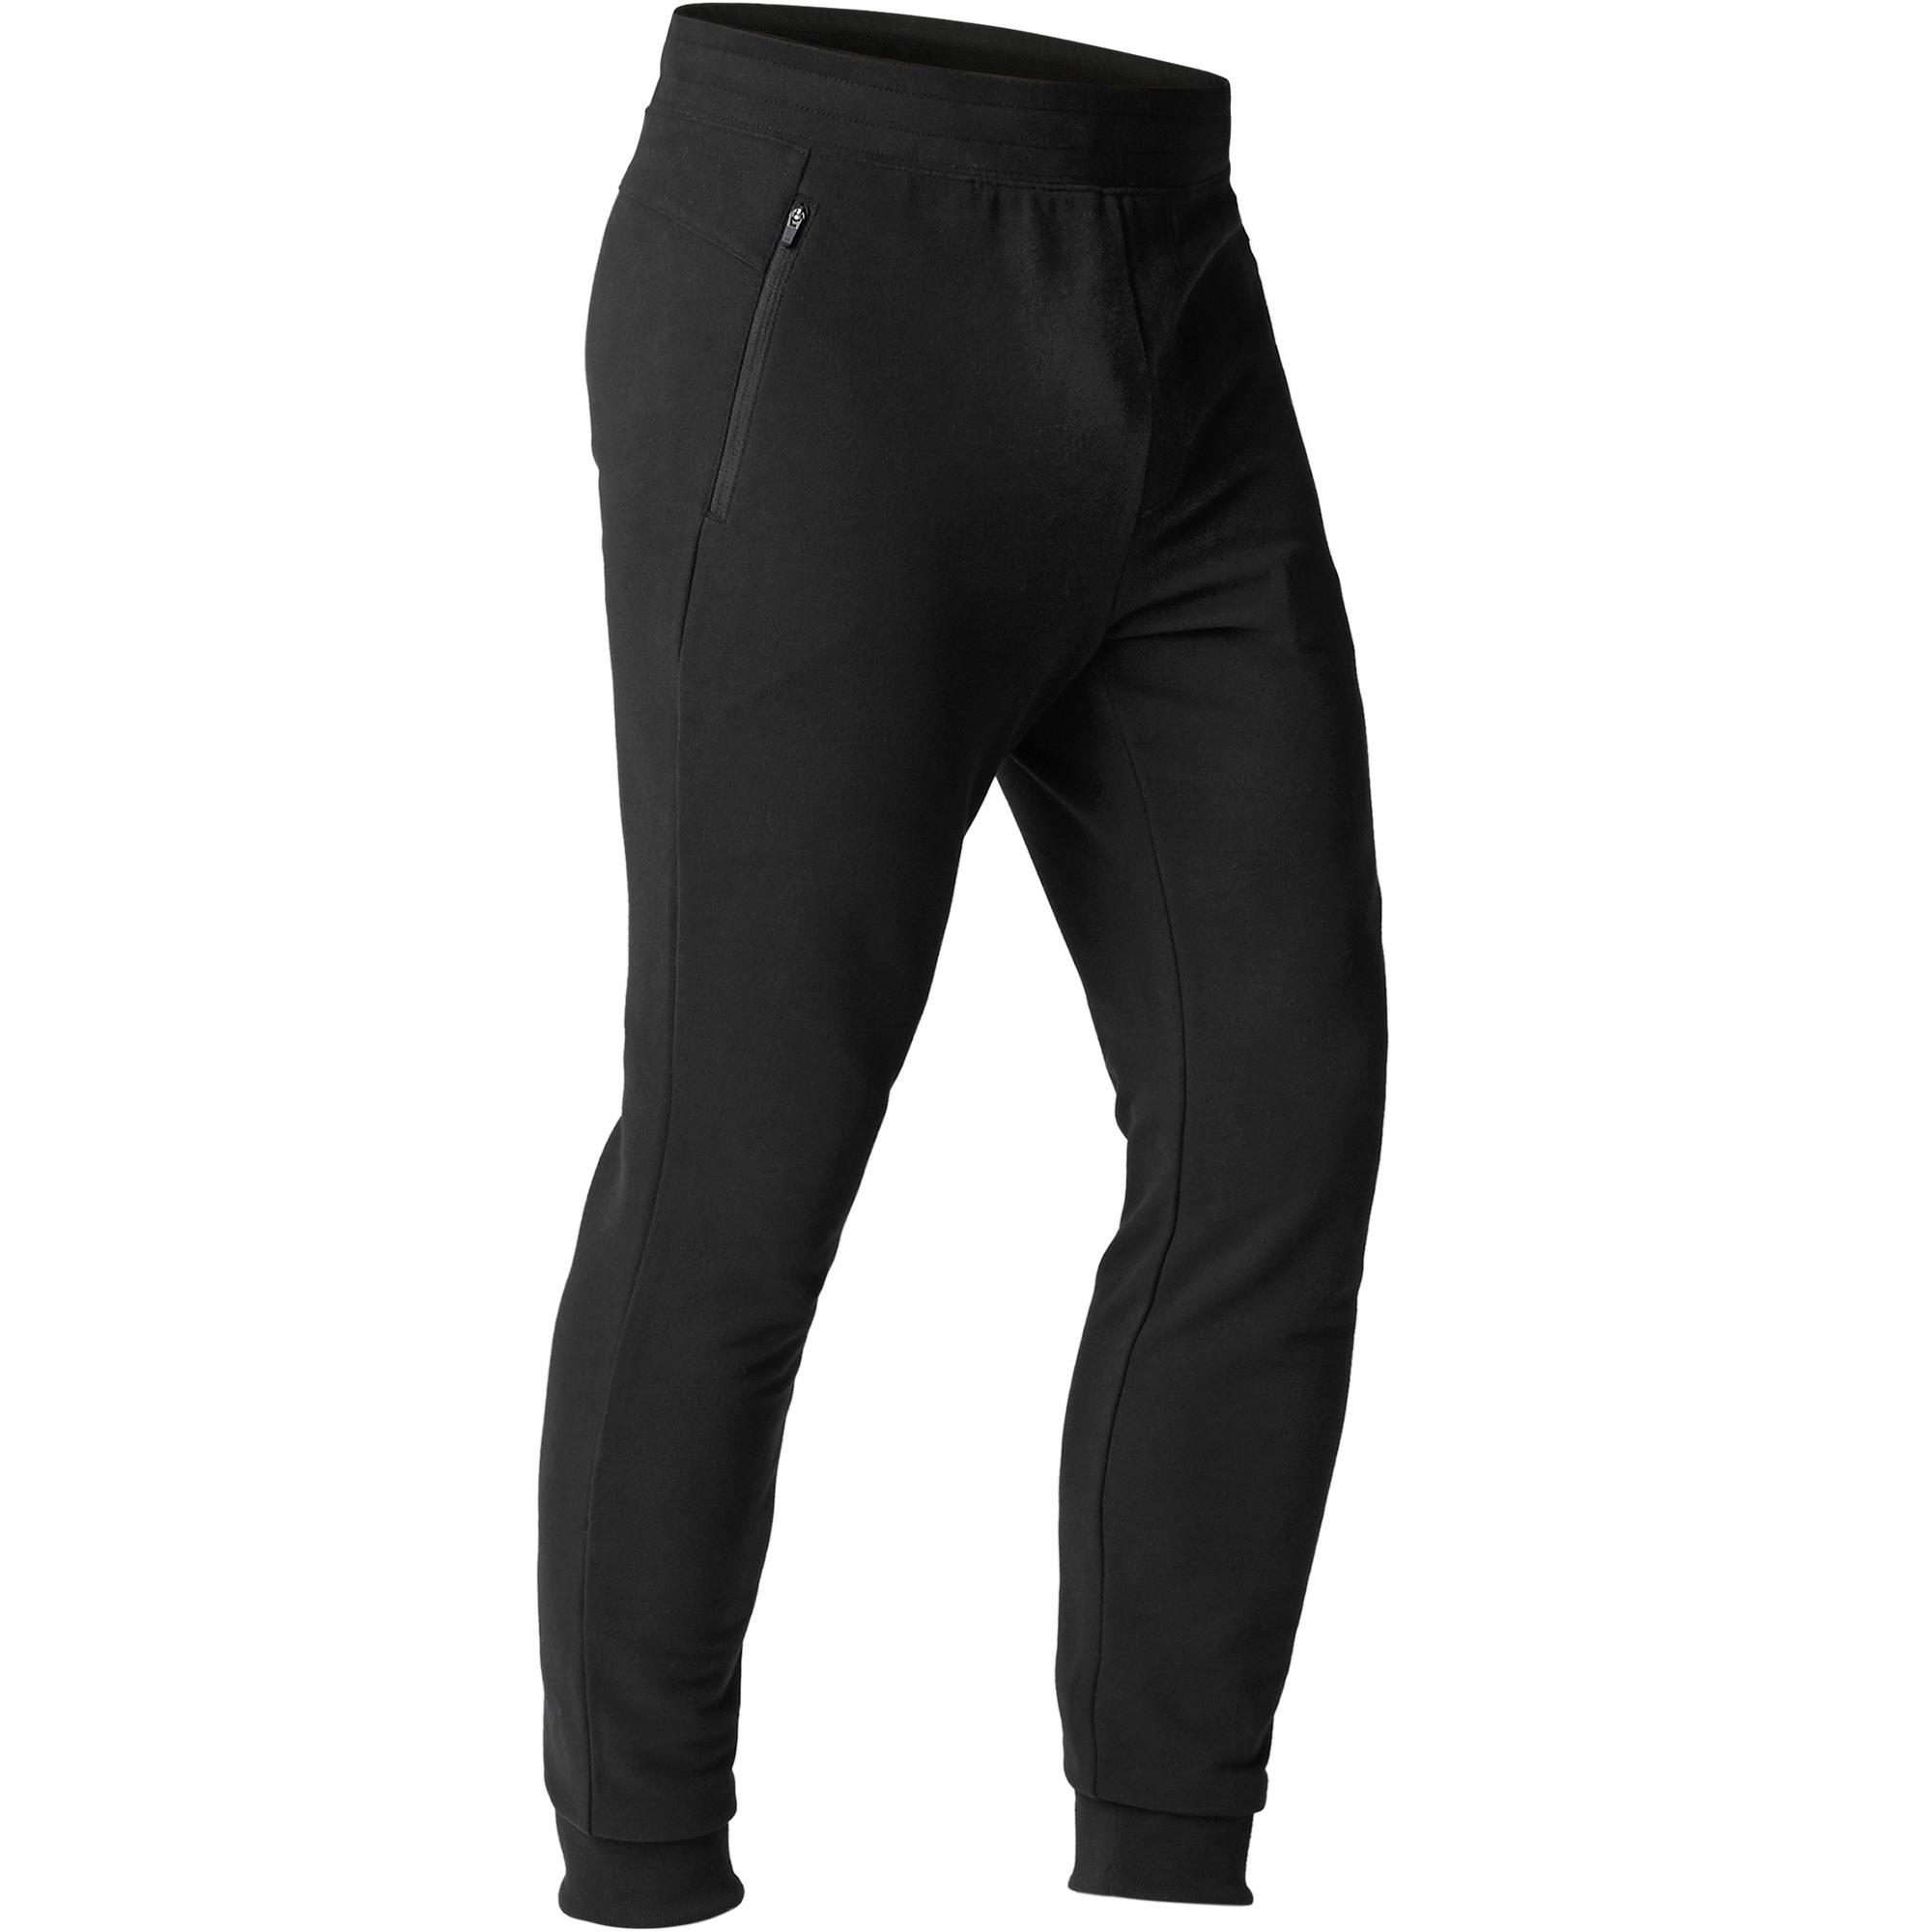 jogginghose 500 slim zip pilates sanfte gymnastik herren. Black Bedroom Furniture Sets. Home Design Ideas